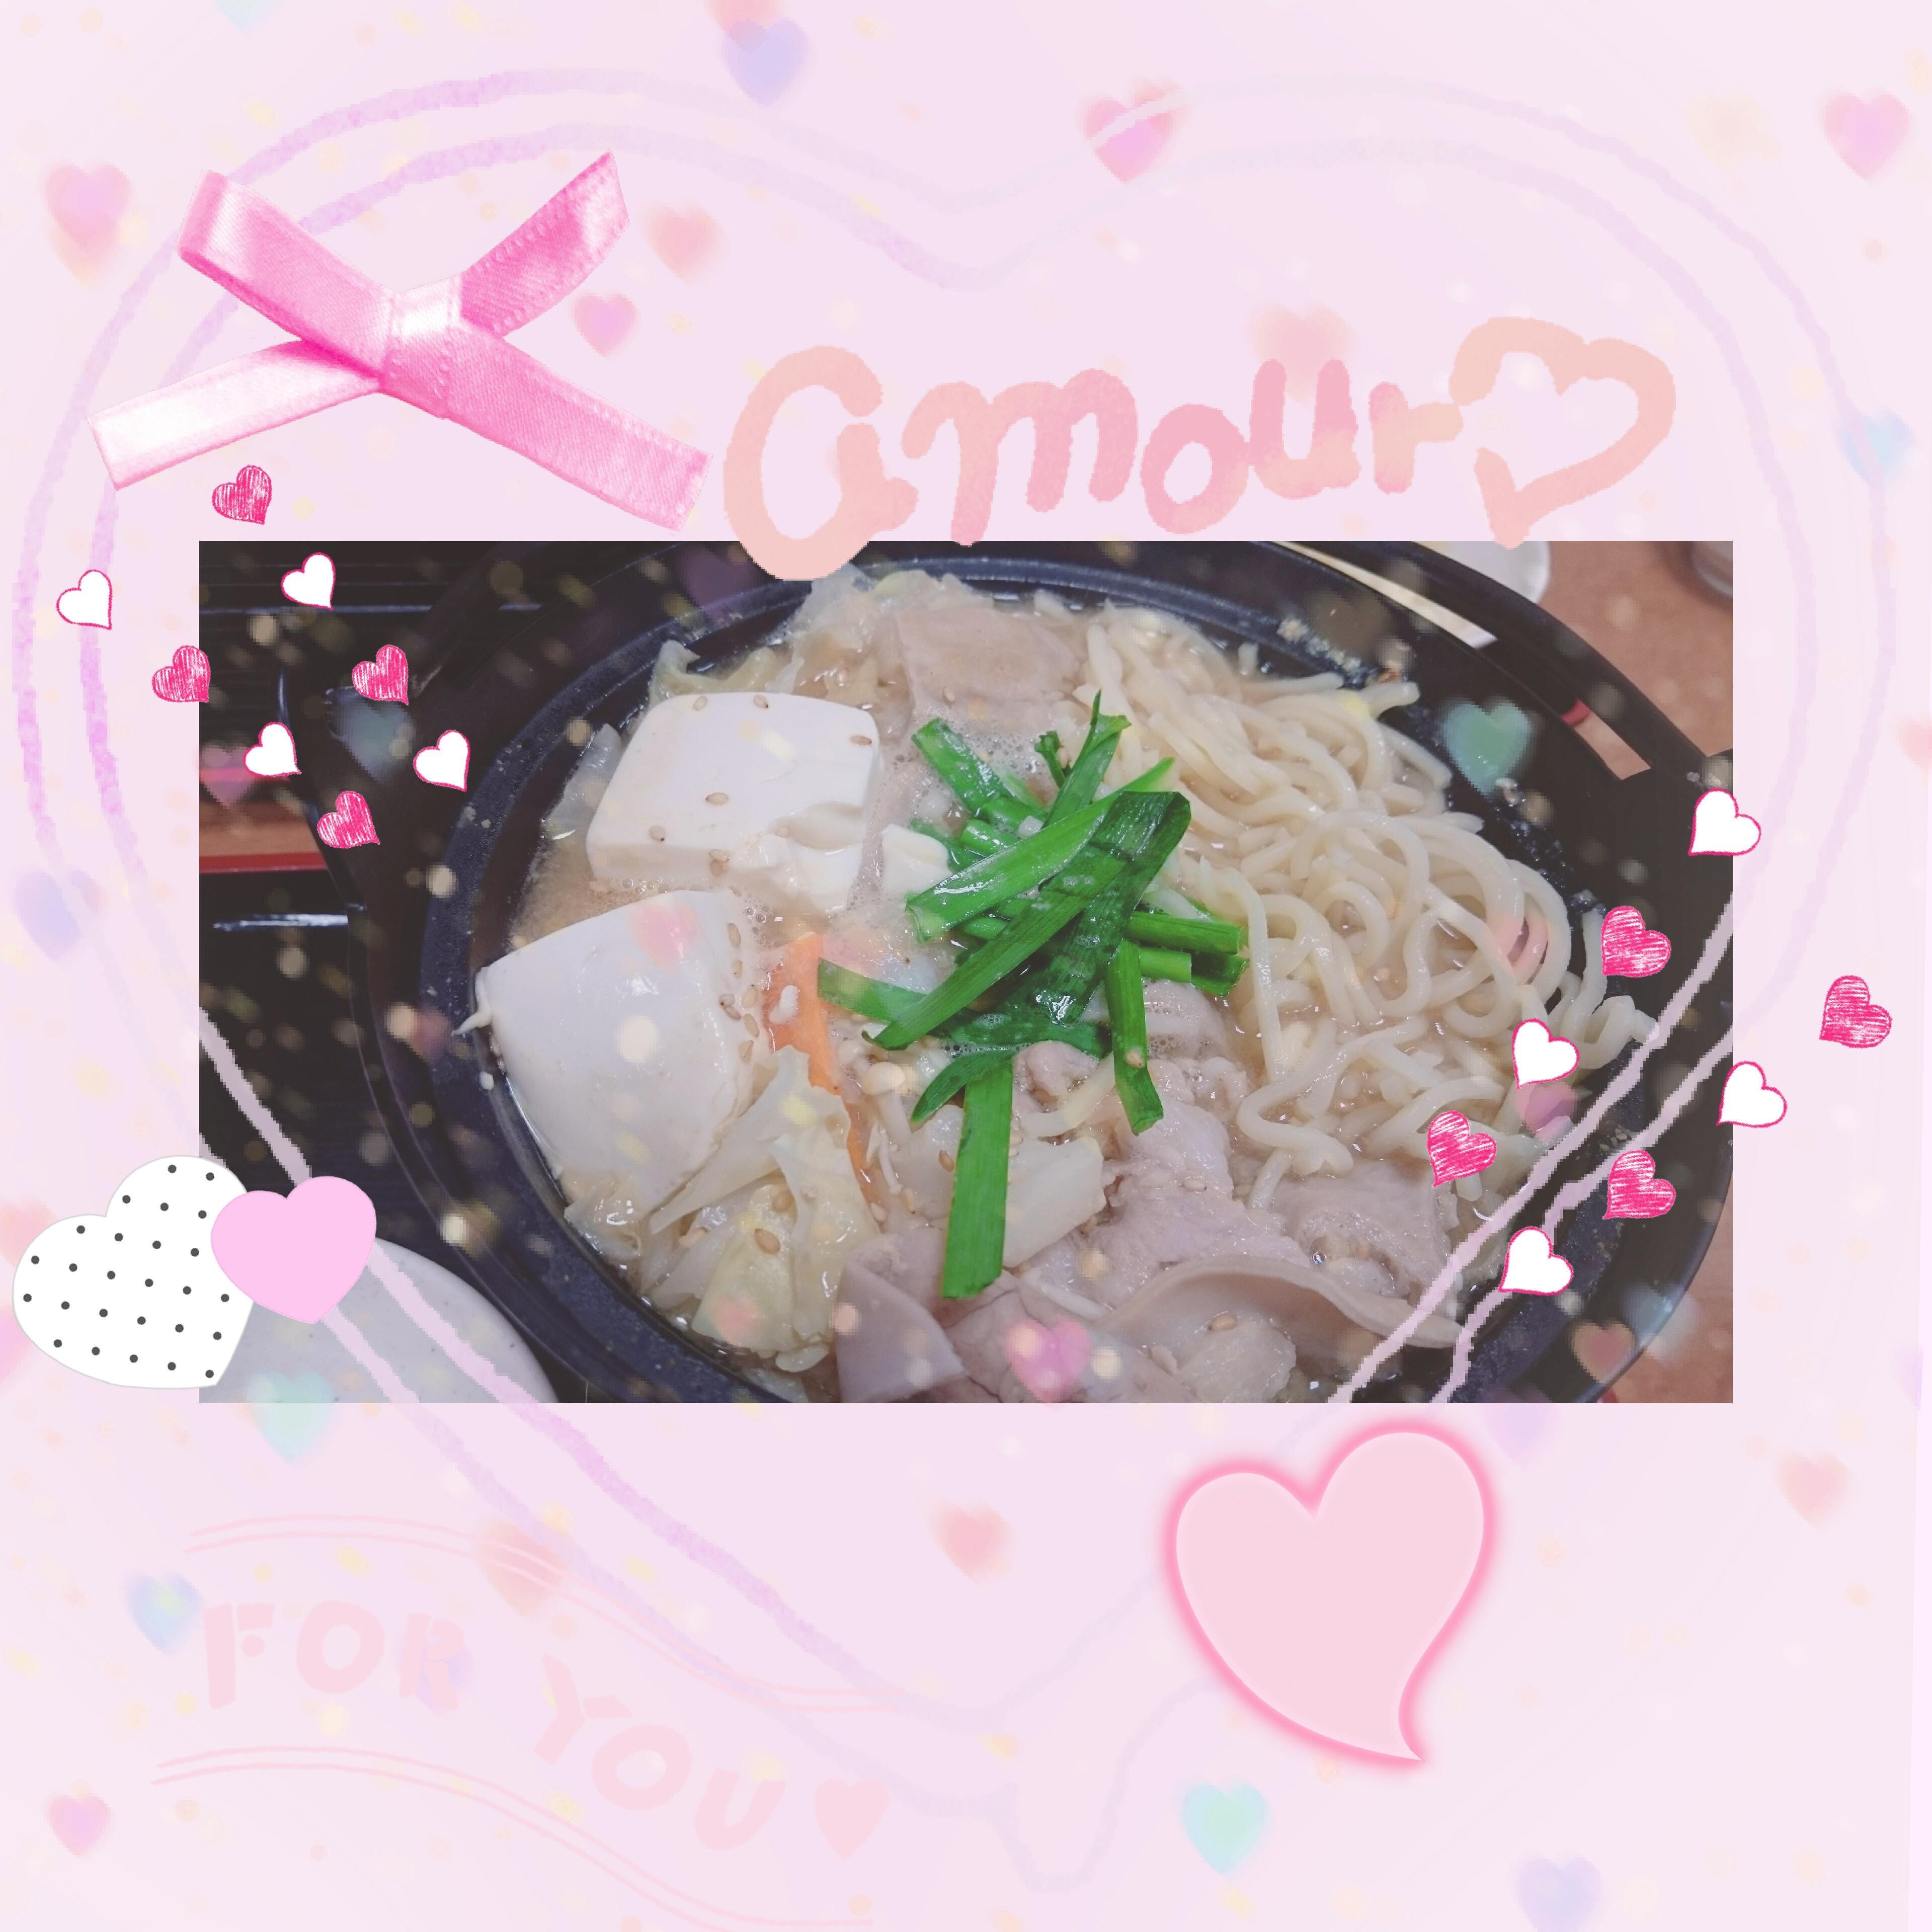 「ポカポカ(*´ω`*)」10/21(日) 07:33 | さよの写メ・風俗動画